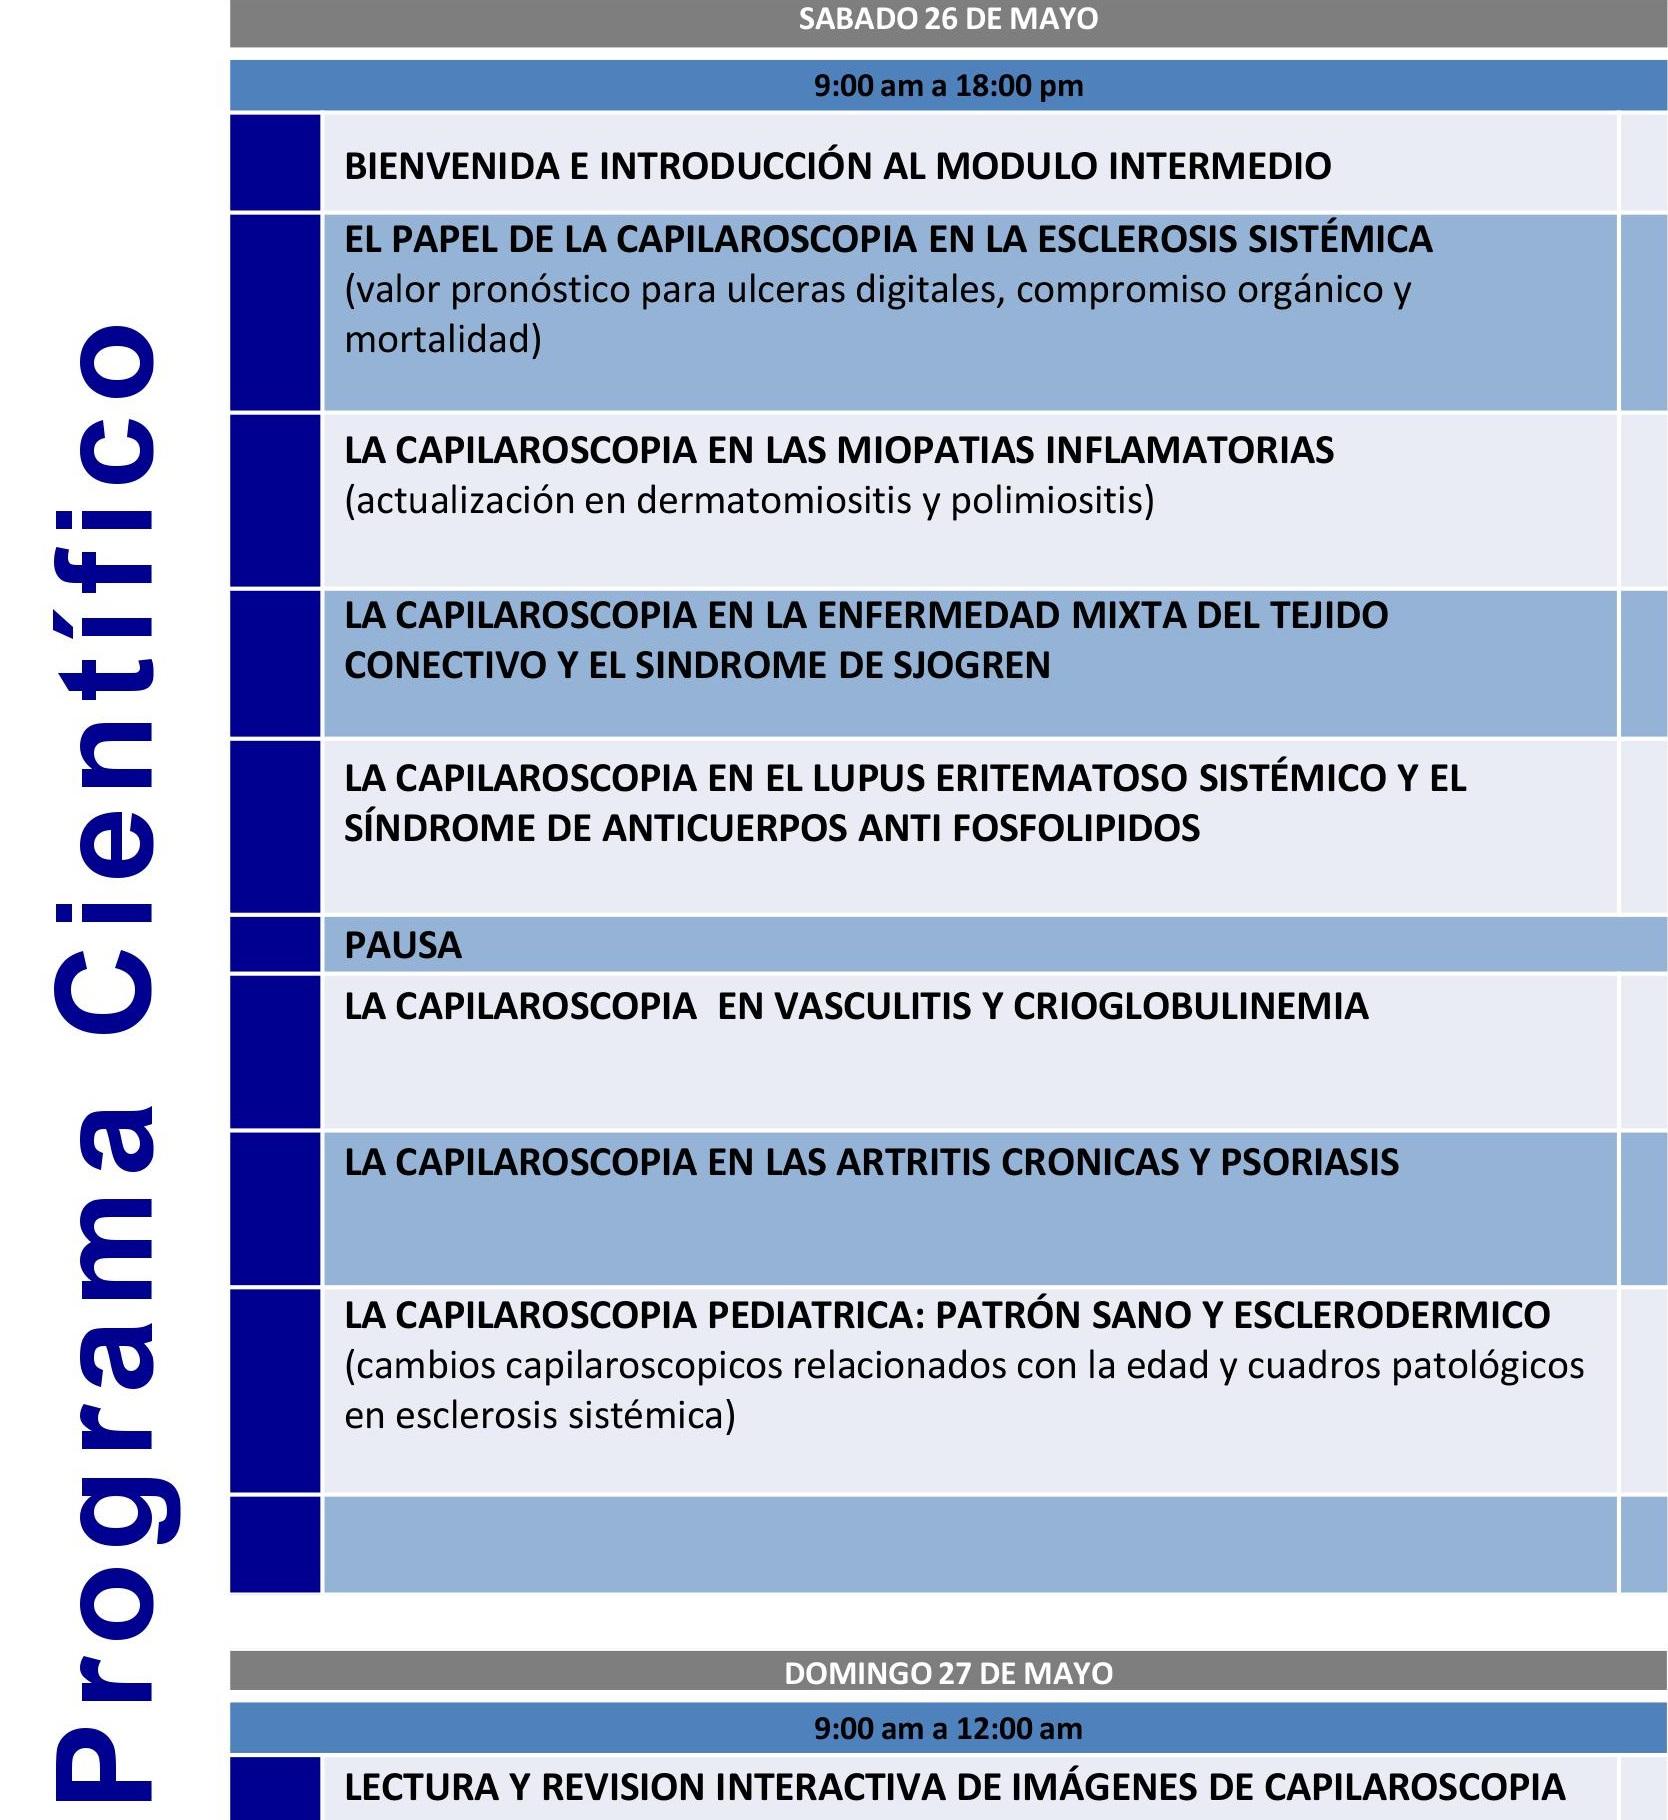 Curso de Capilaroscopia en Reumatología (Módulo Intermedio